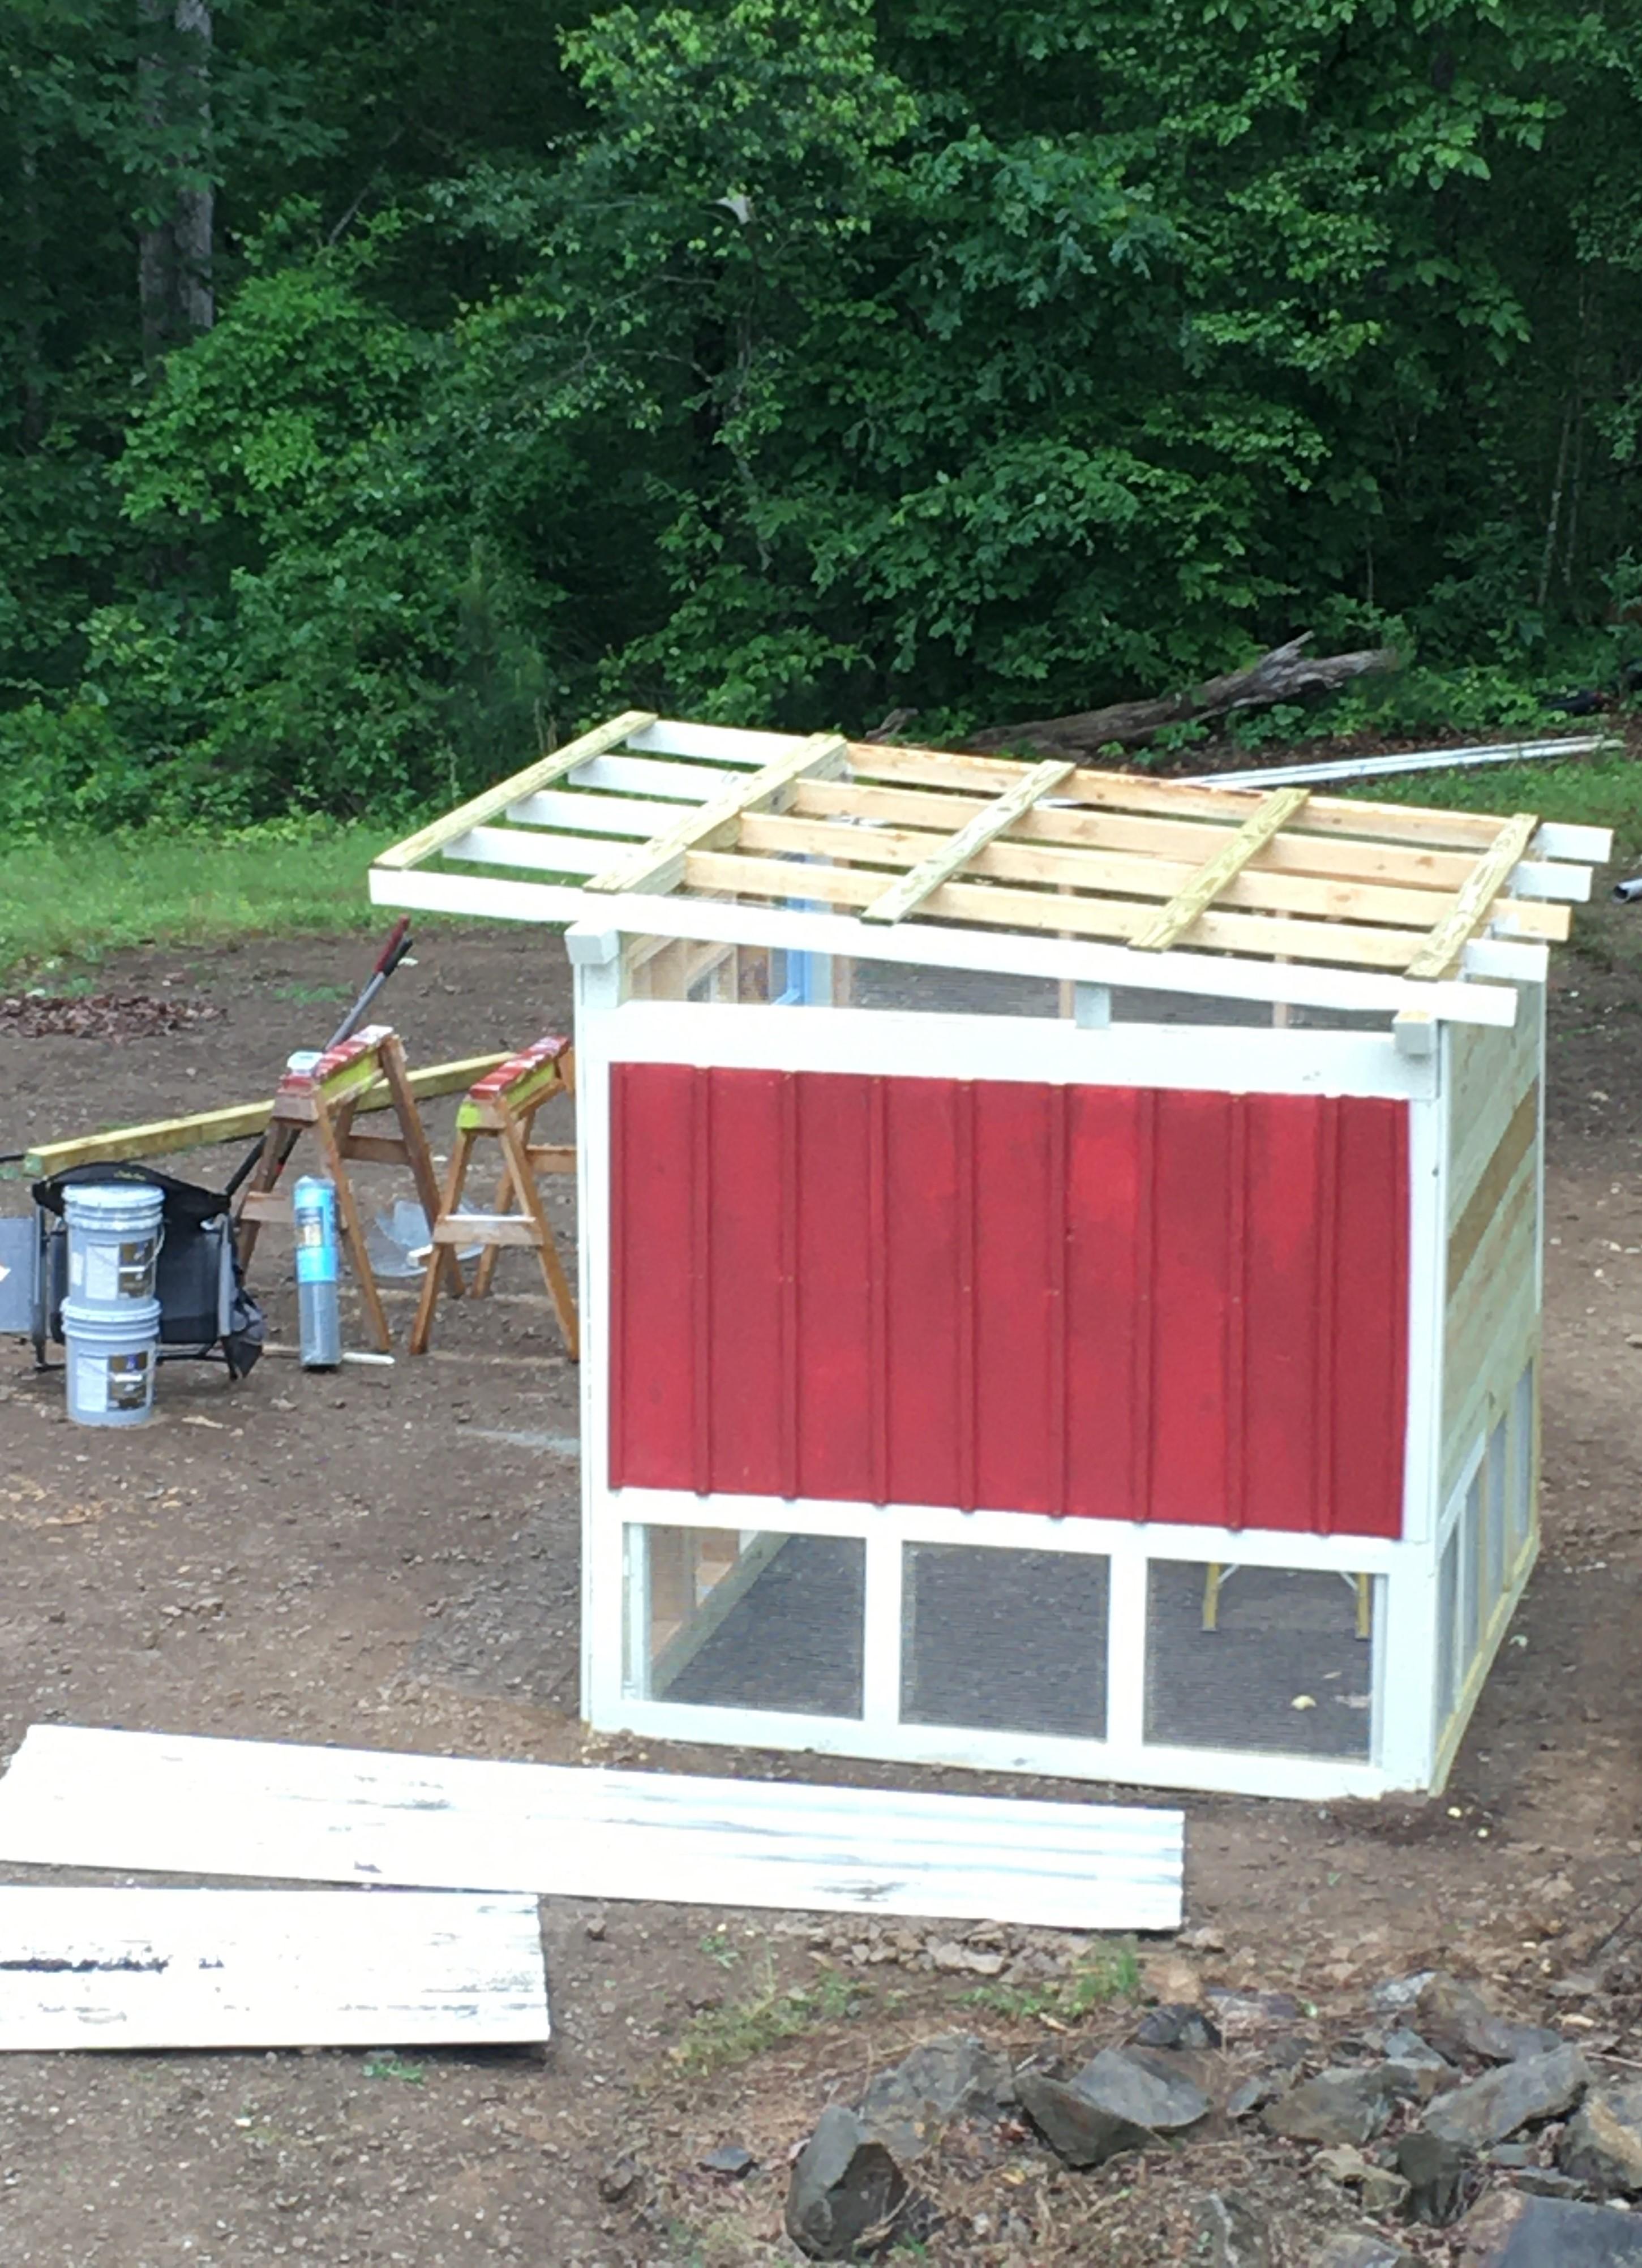 Slippy's Chicken Coop & Chicken Run Build!-coop-7.jpg